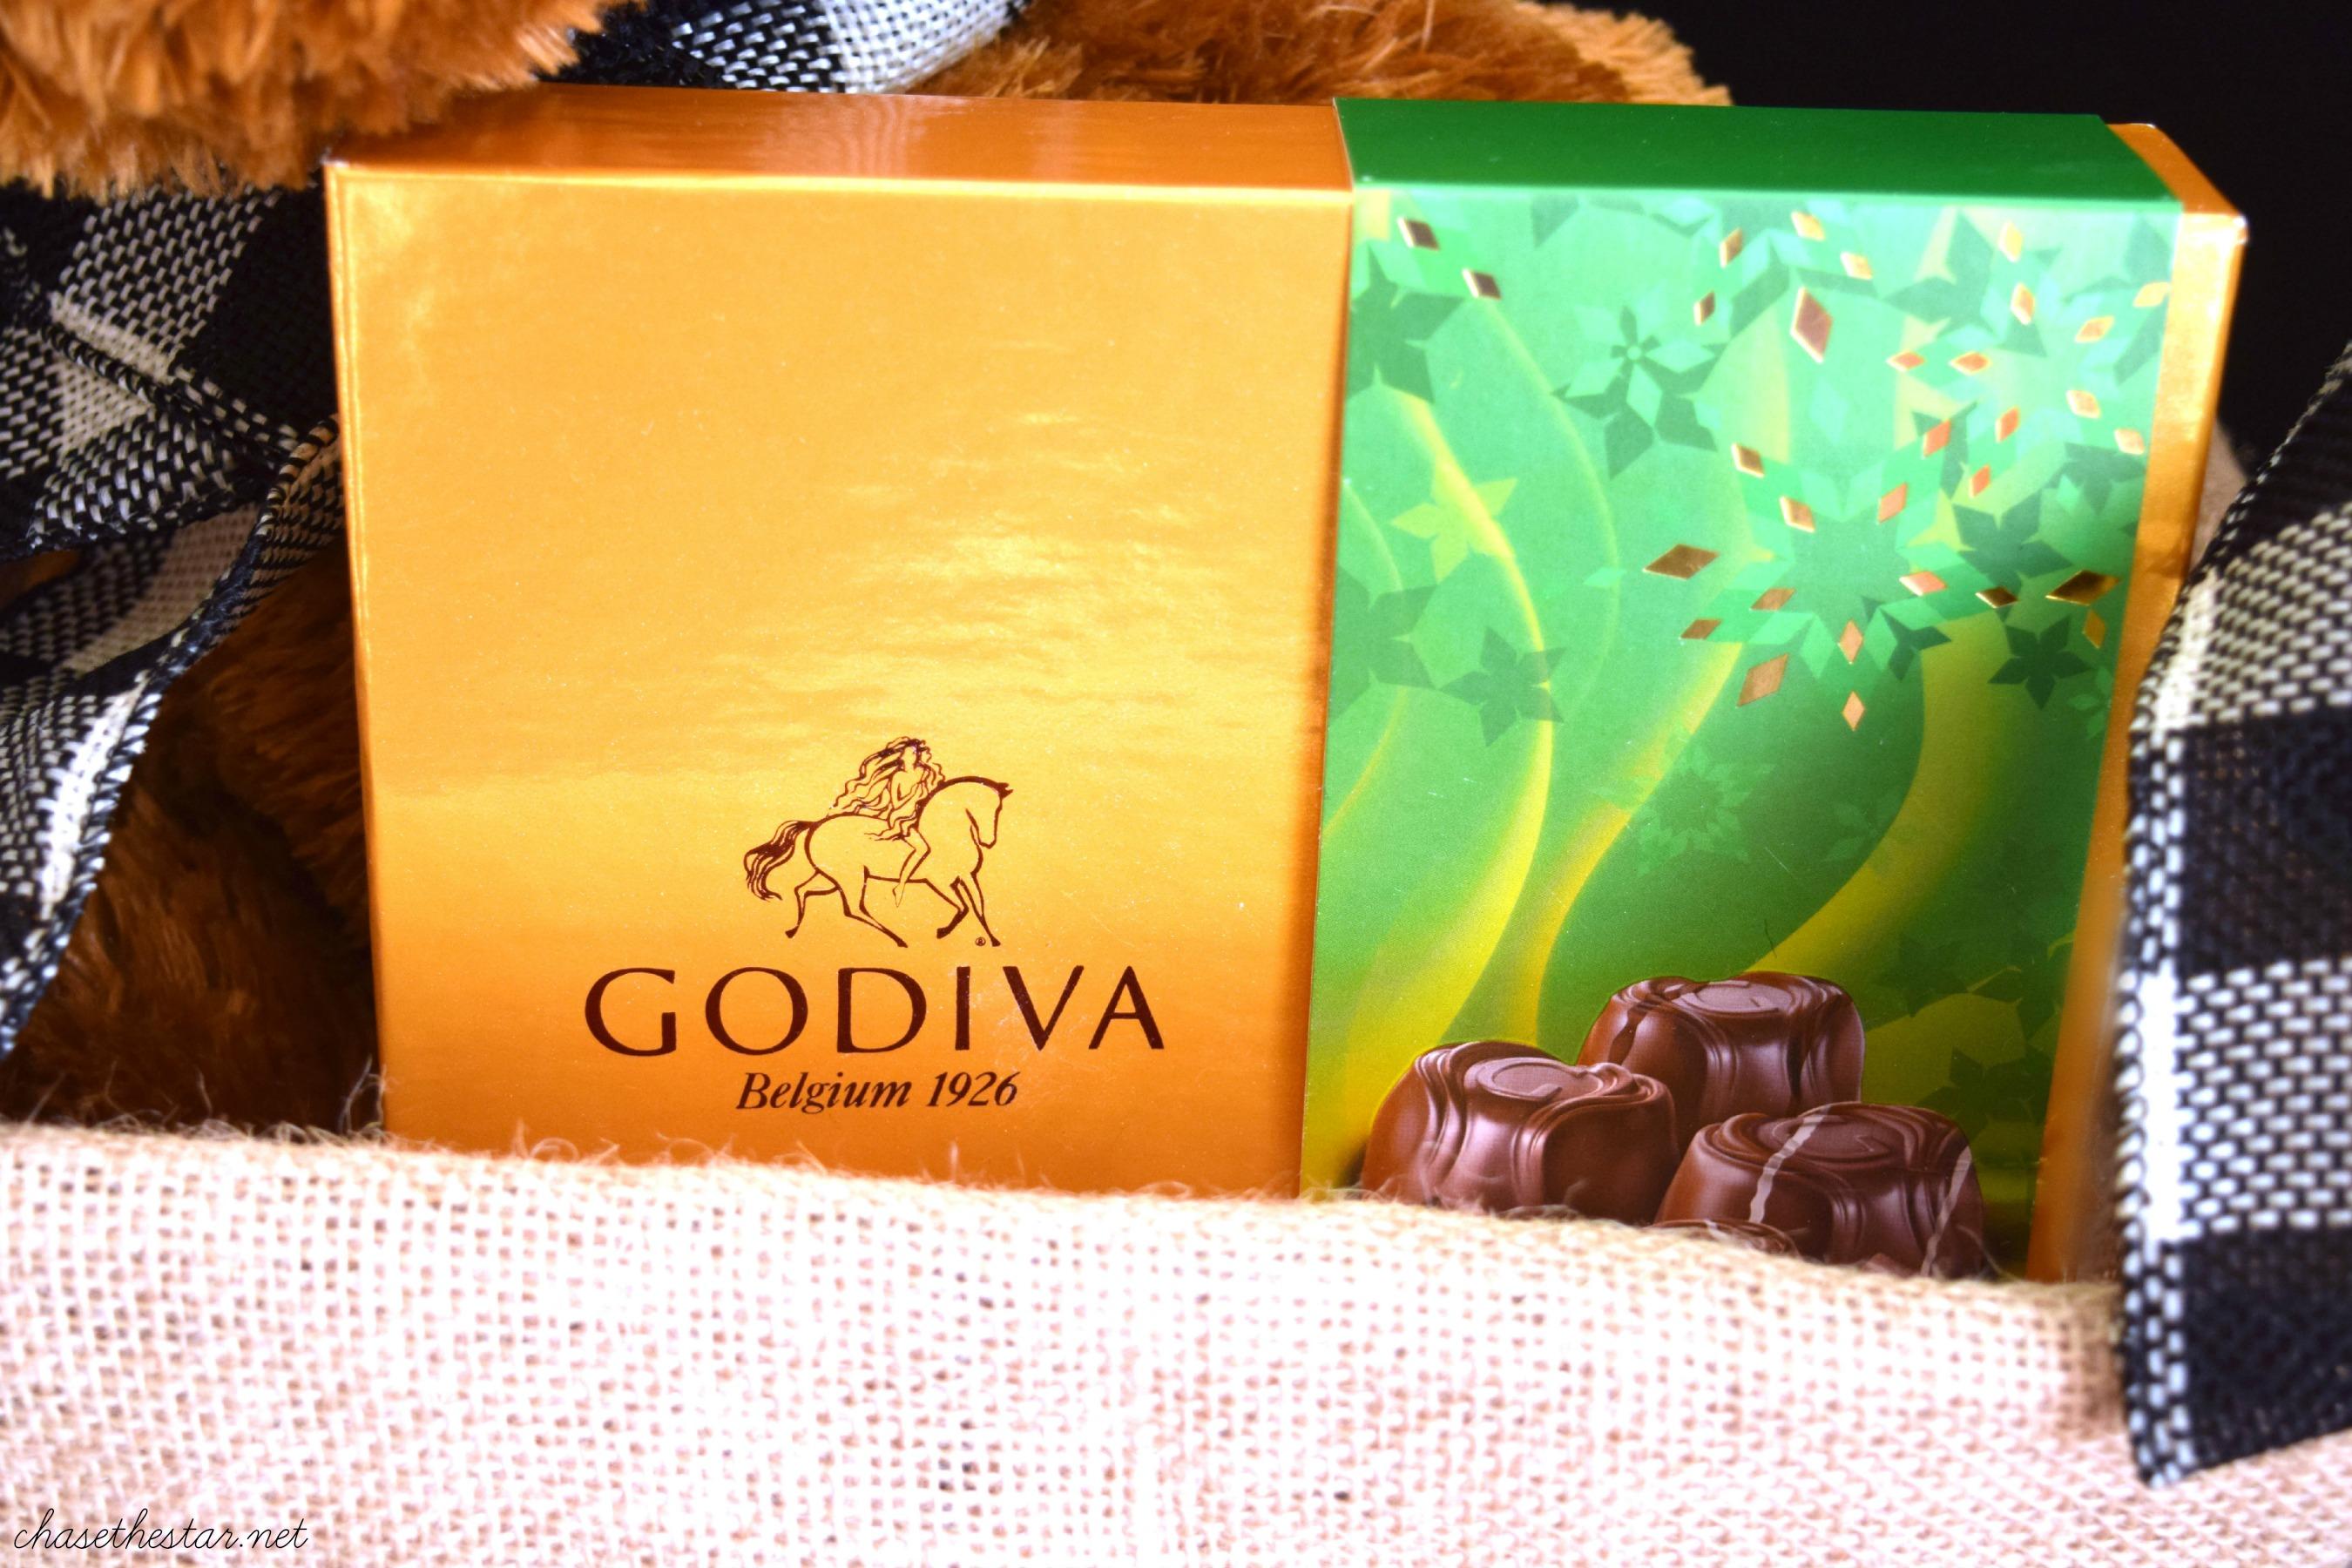 Great guy holiday gift, GODIVA chocolates! #giveGODIVA